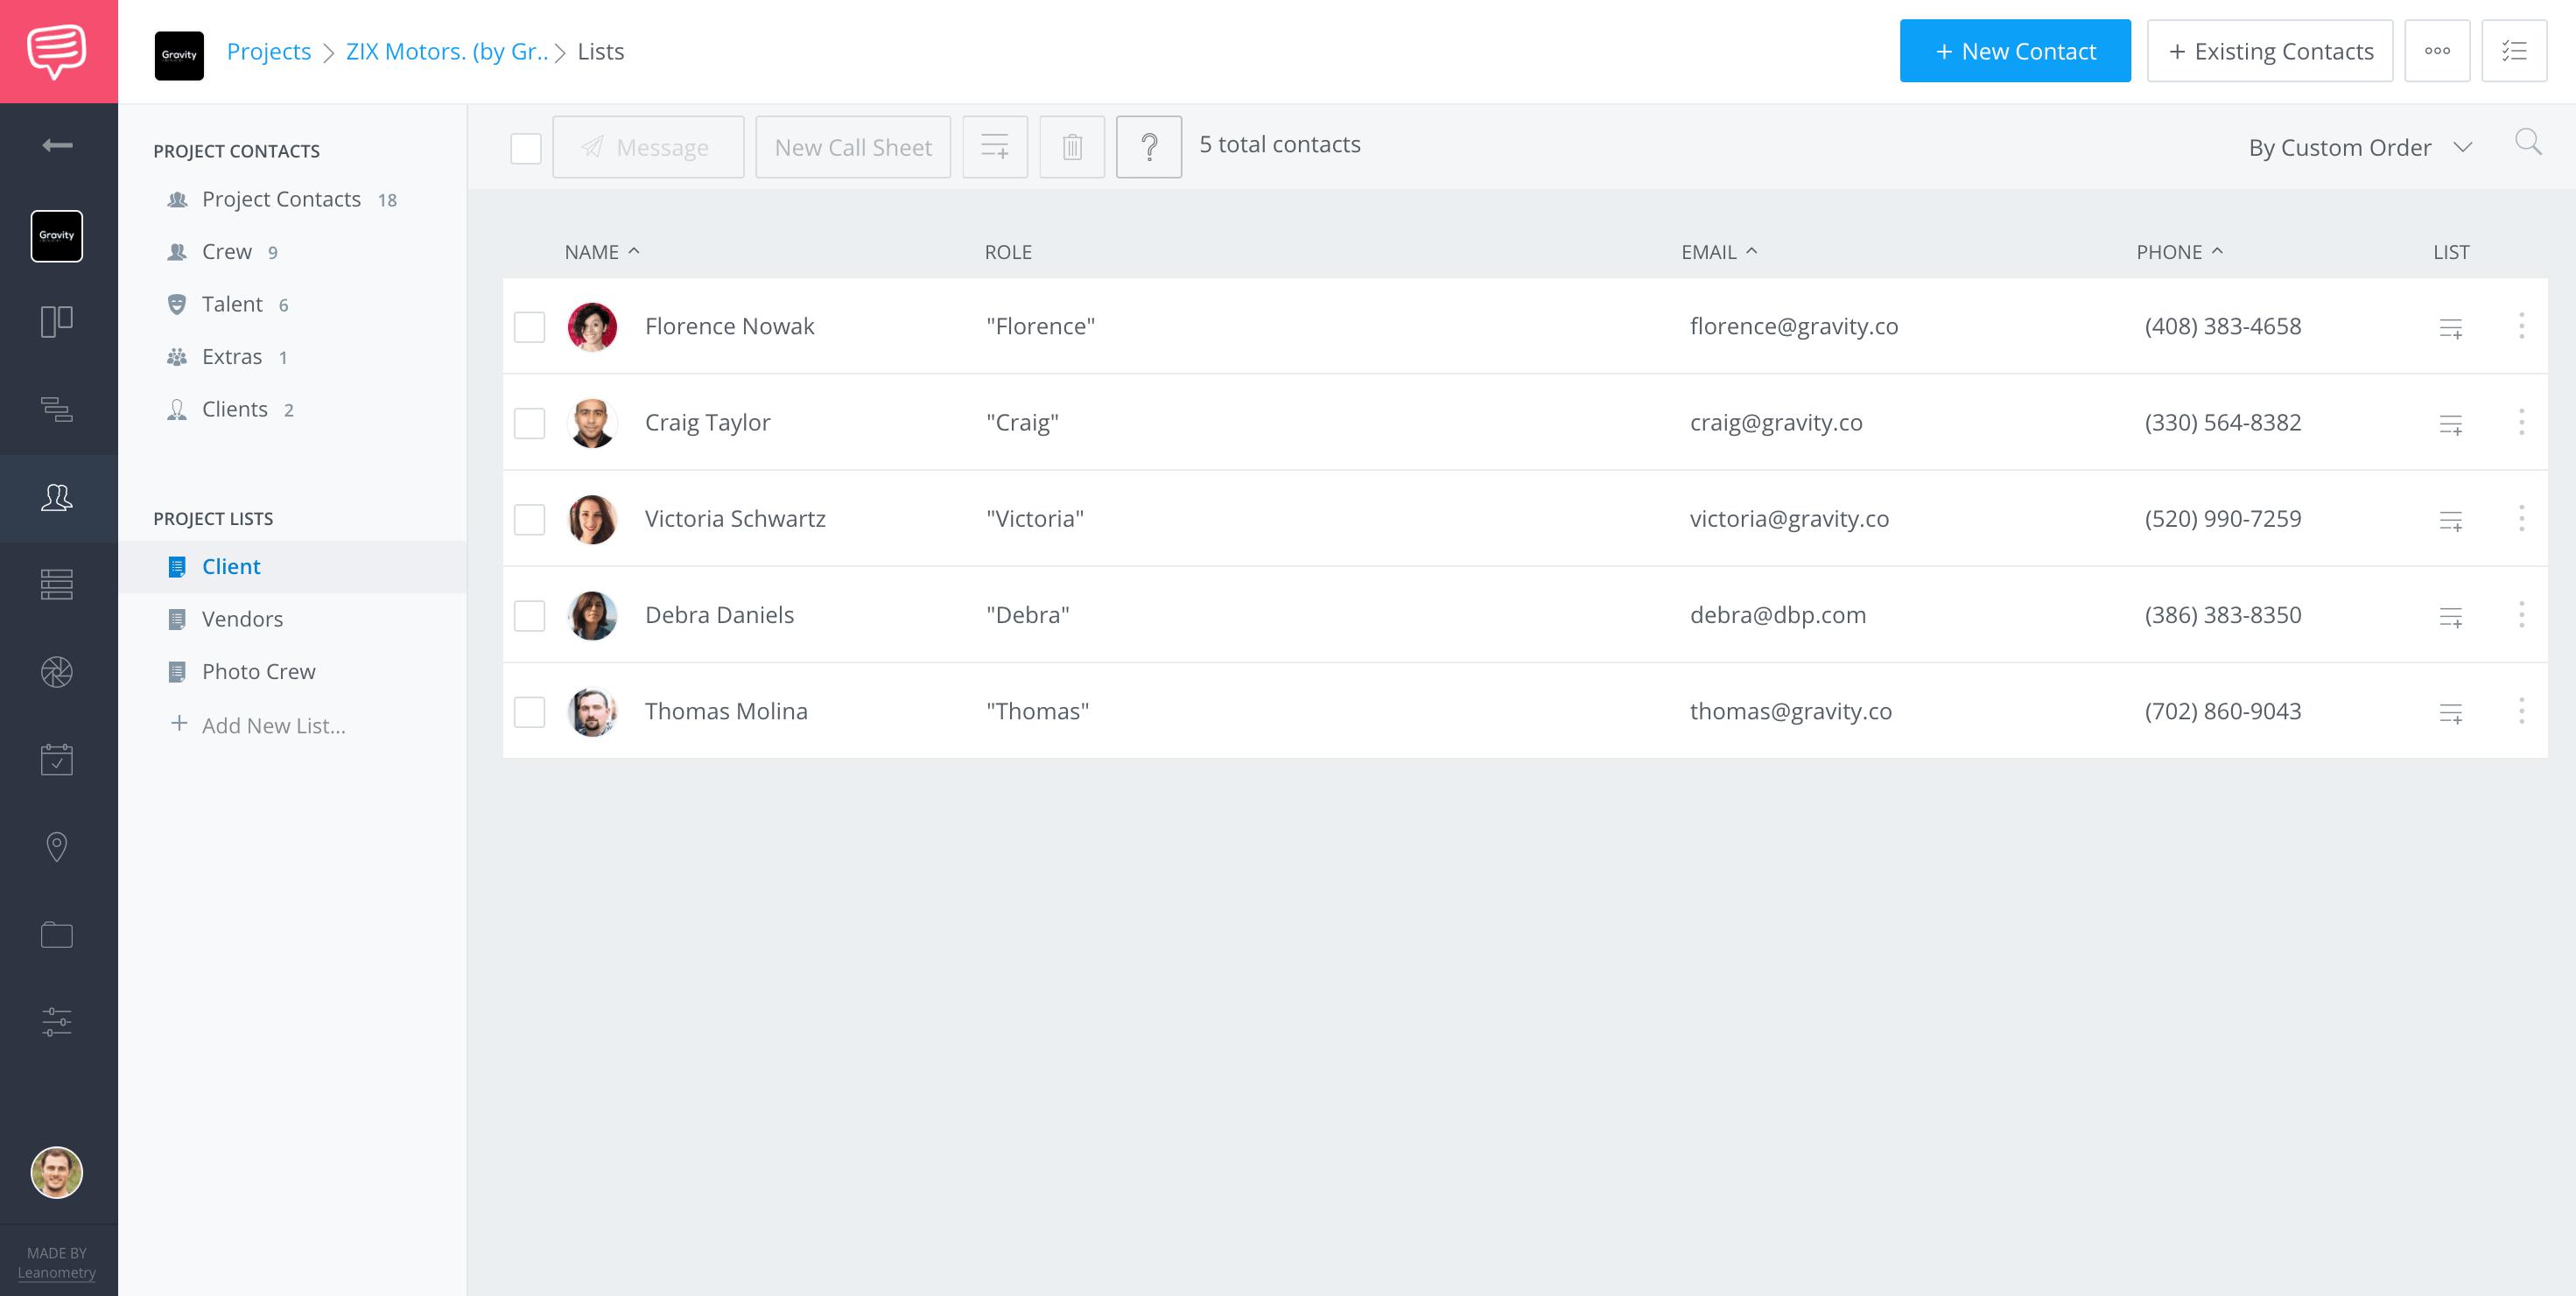 Model Release Form - Manage Talent Information CRM - StudioBInder